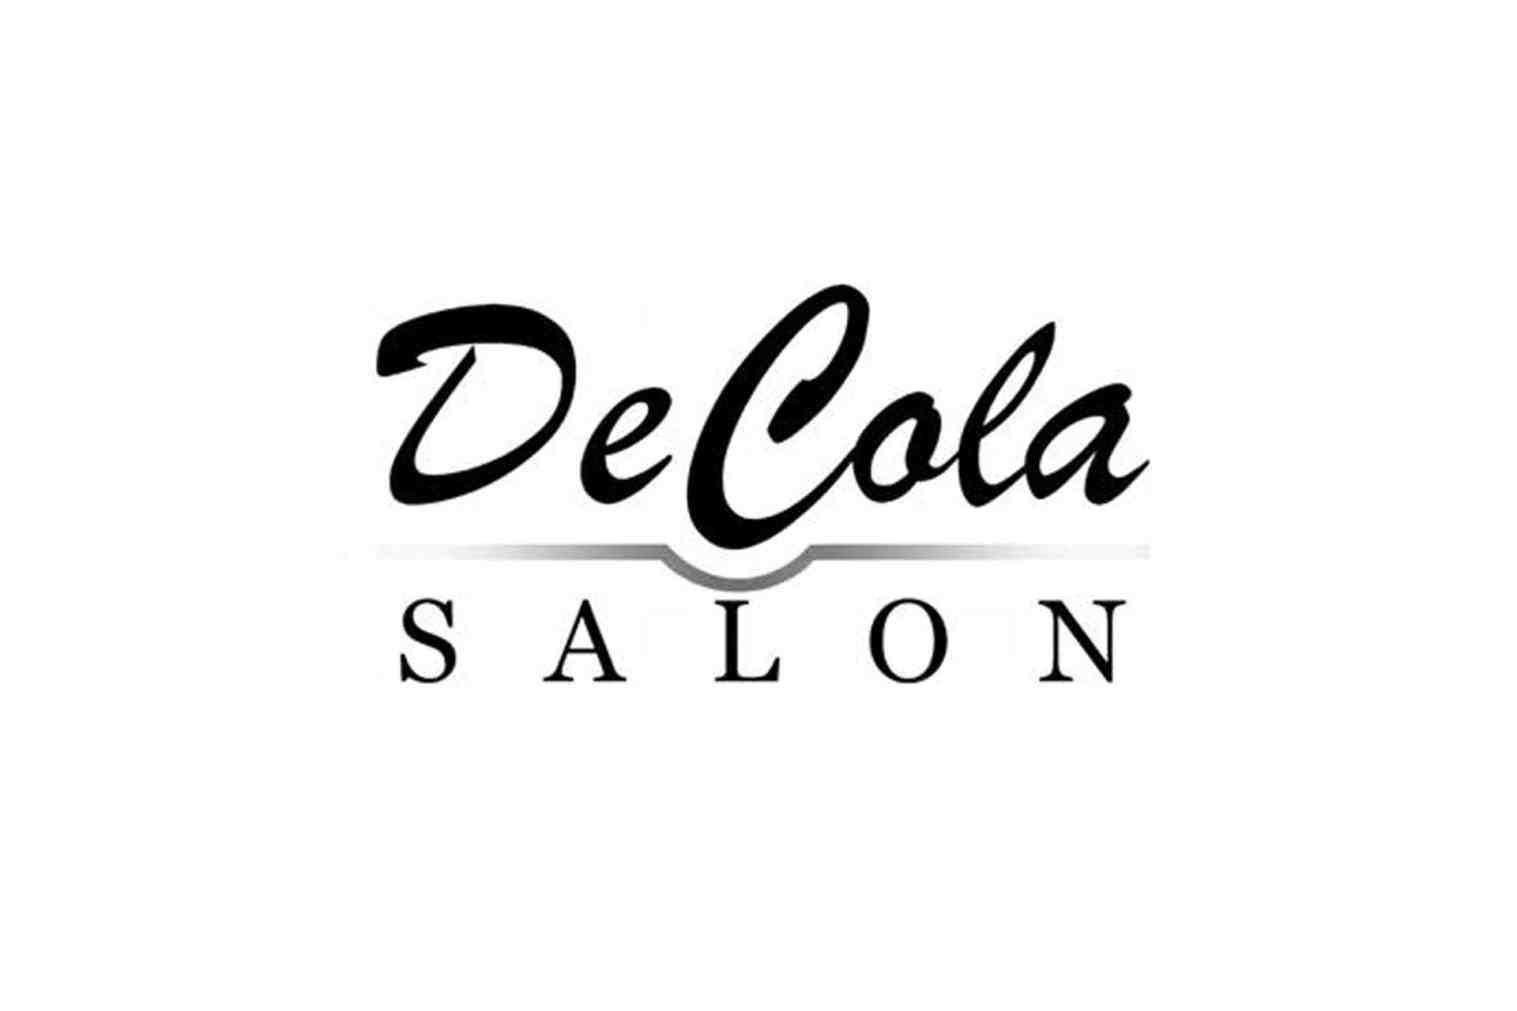 hair salon name ideas 17 (With images)  Hair salon names, Salon